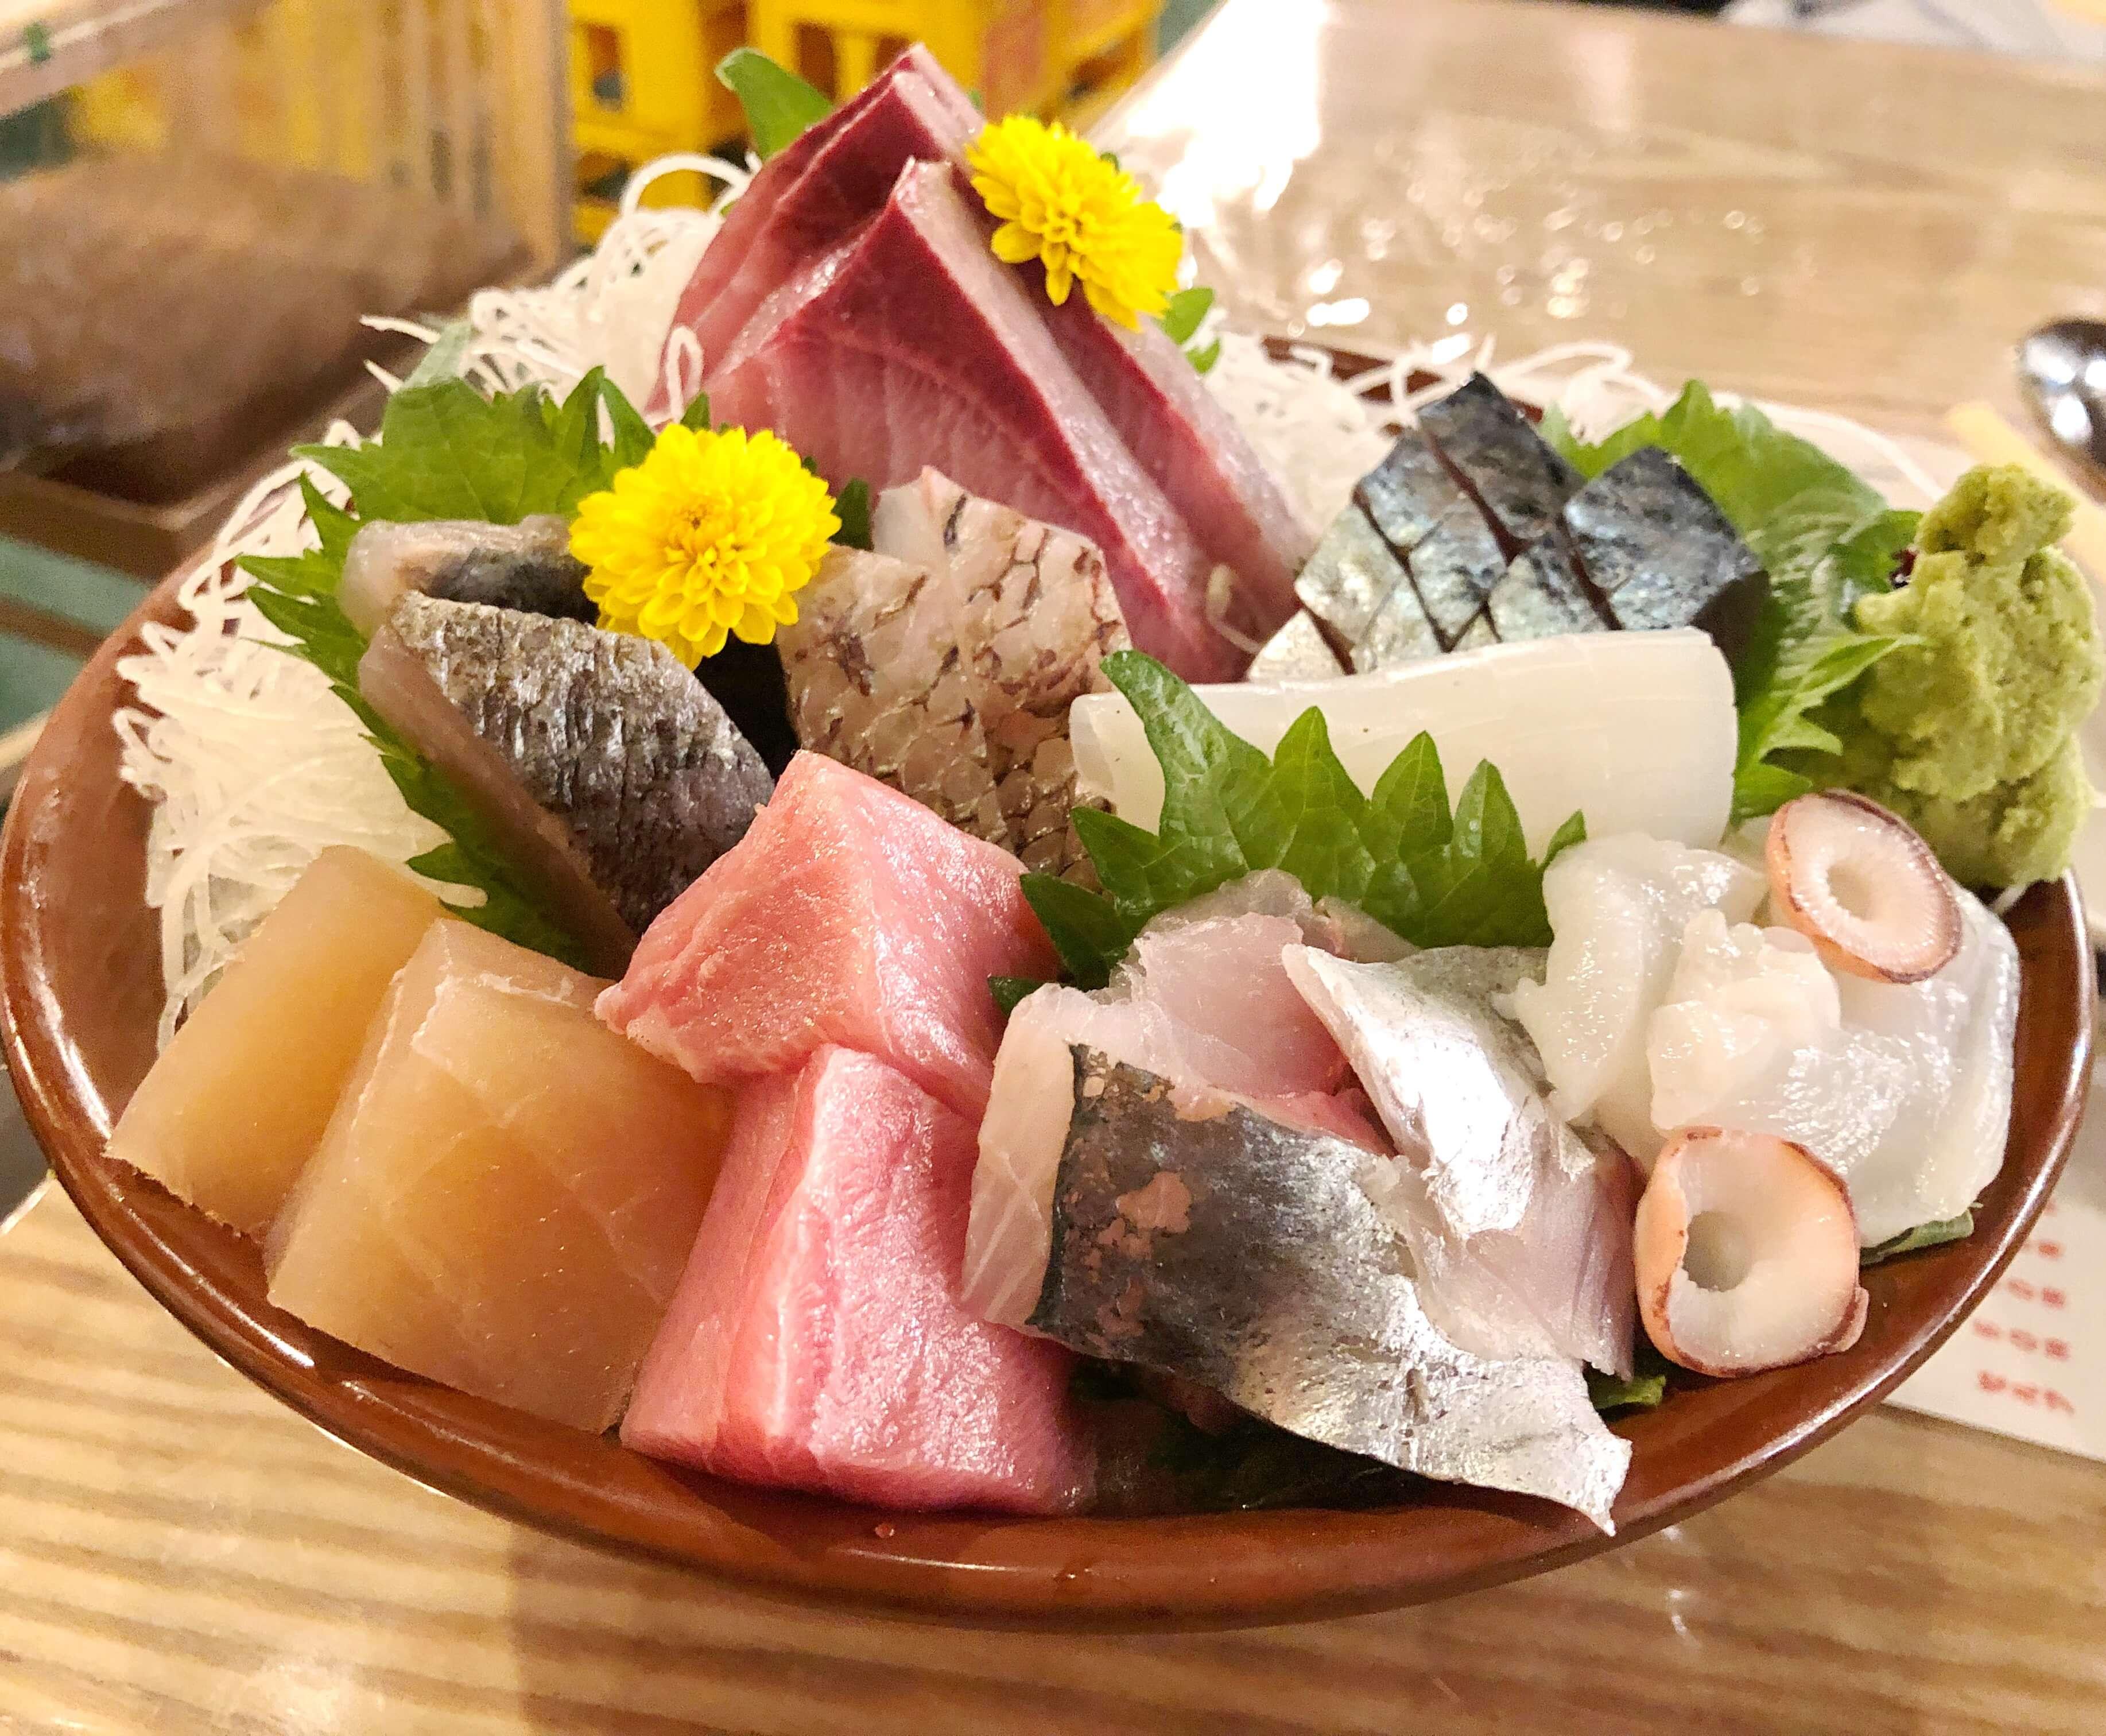 「川端鮮魚店 本店」木倉町で刺身を心行くまで食べるならここ!!